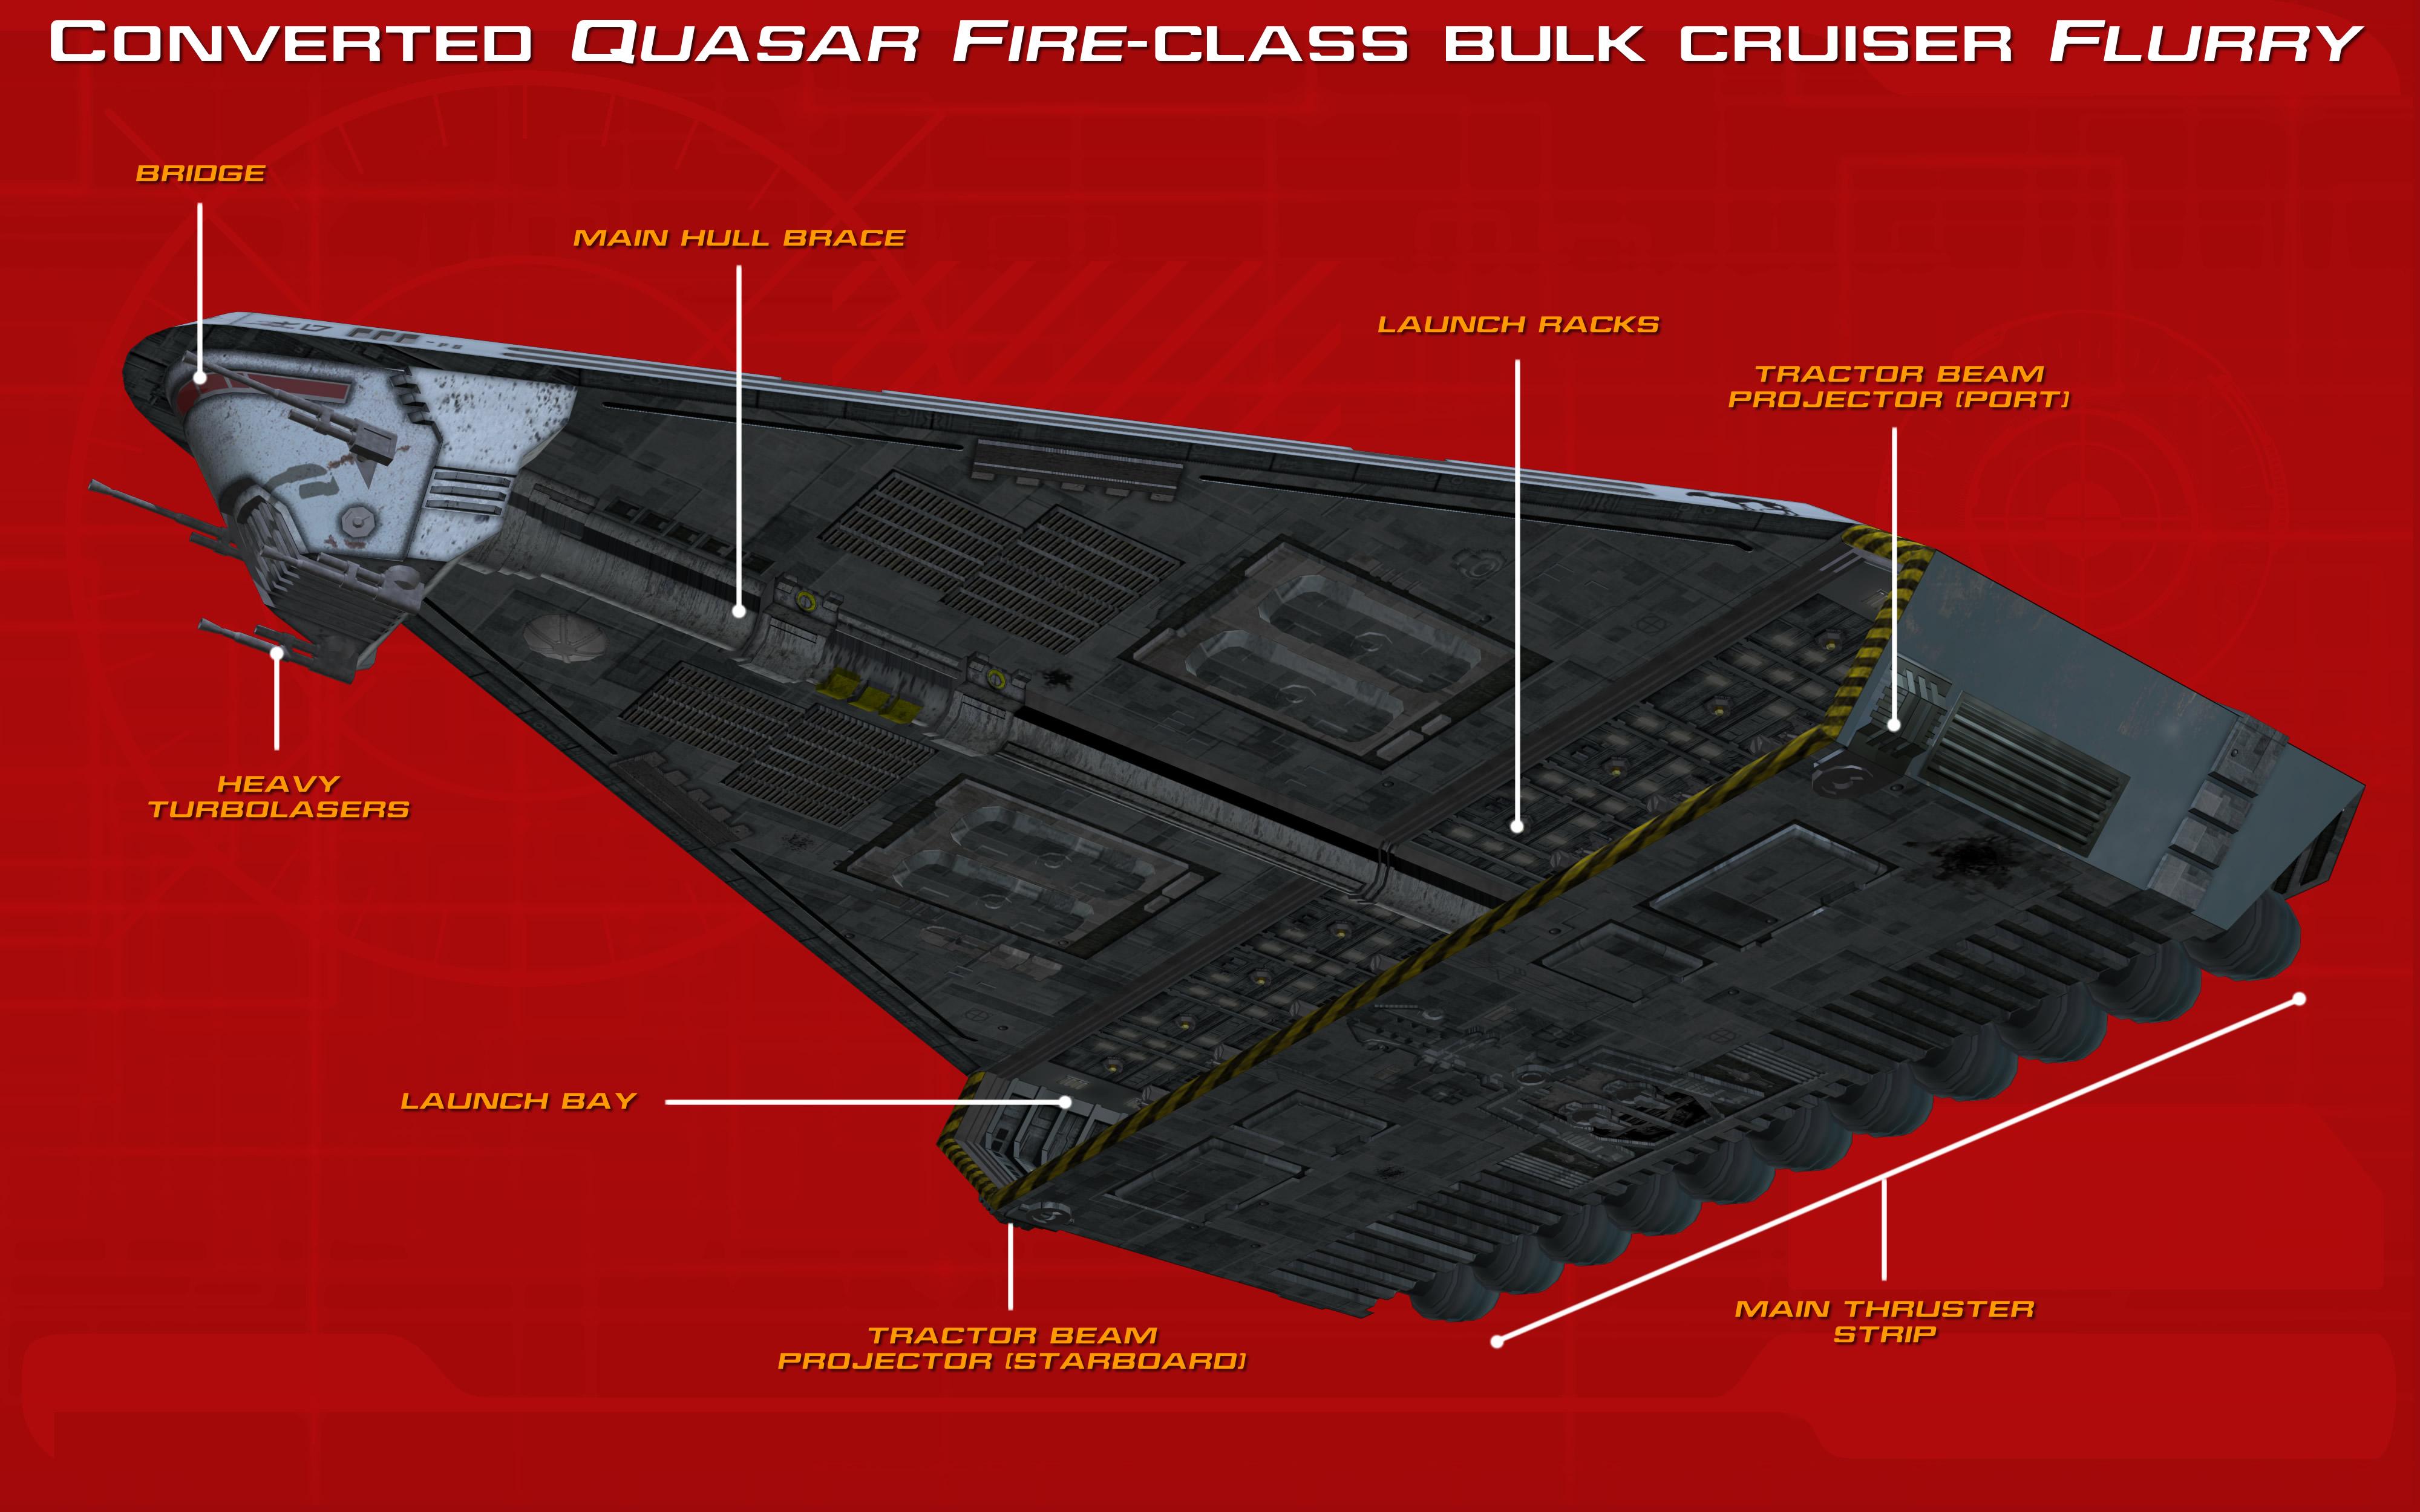 quasar fire-class bulk cruiser